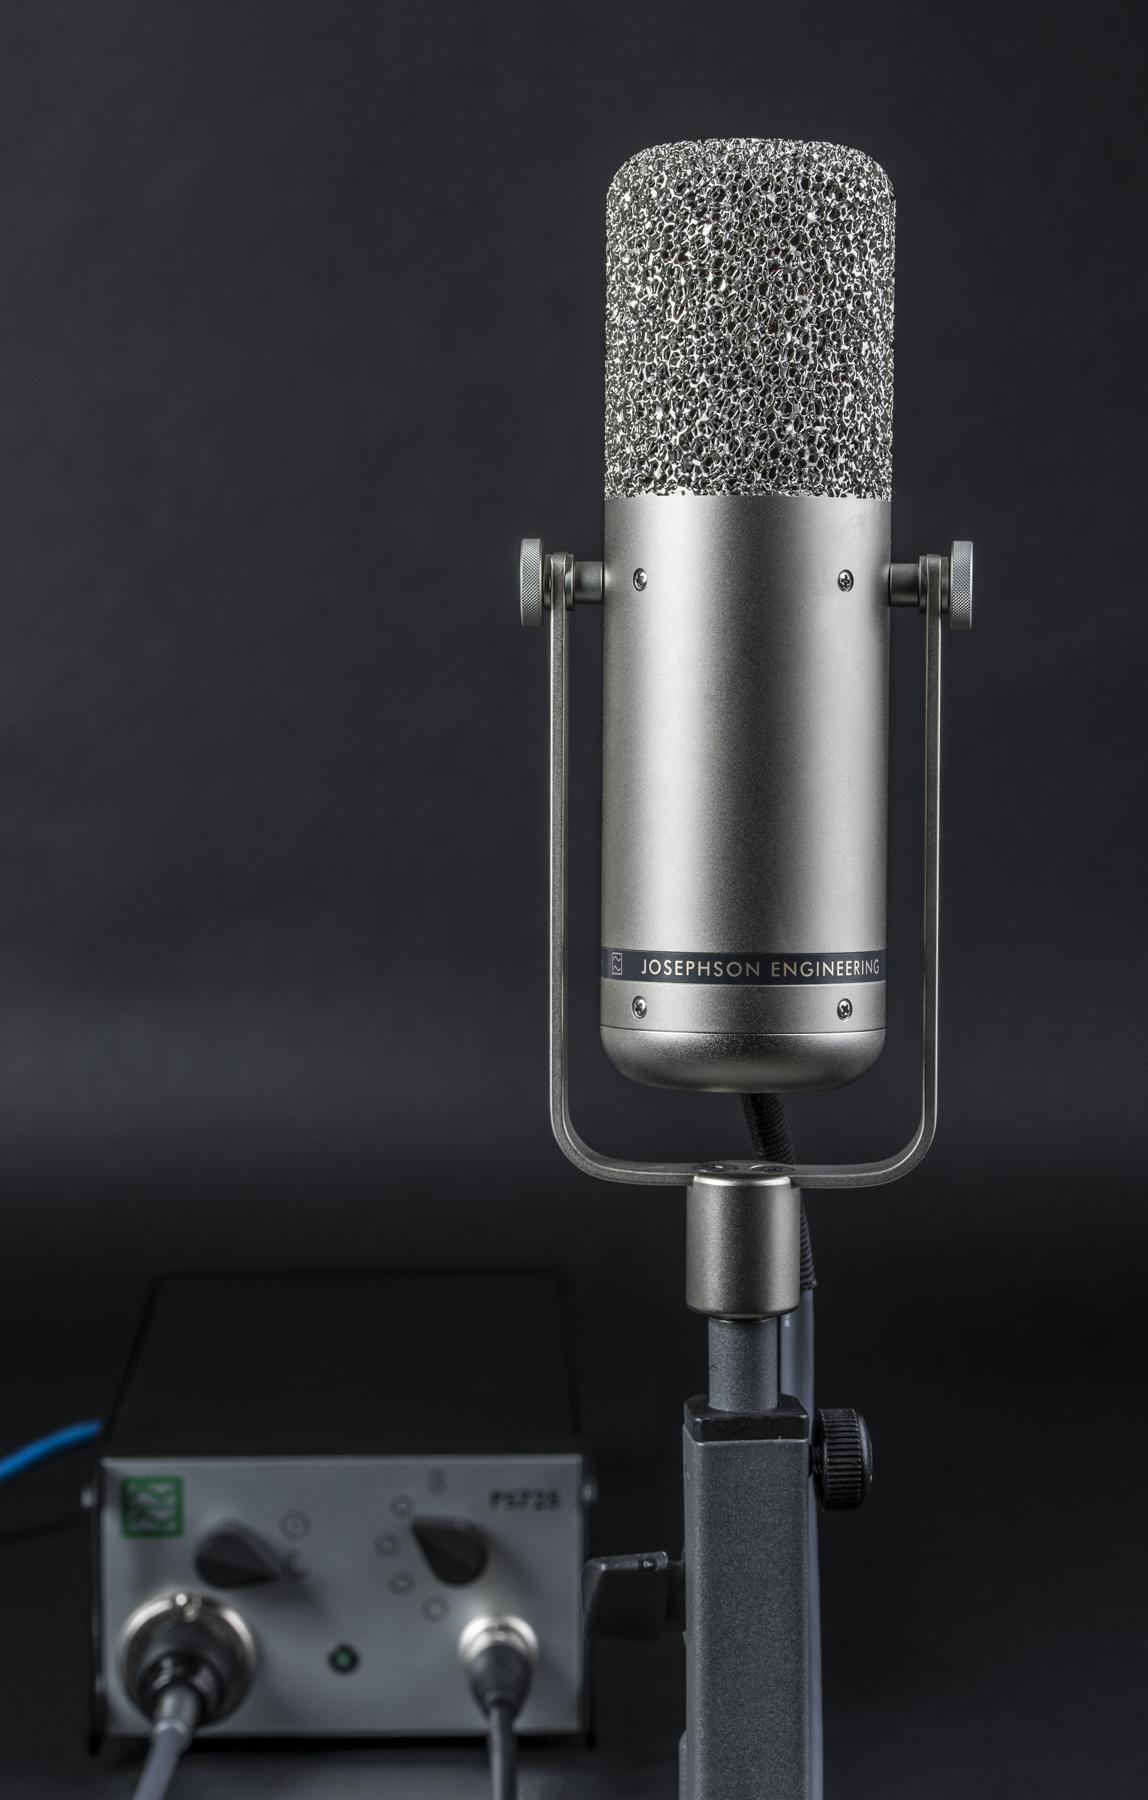 Test: Röhren-Großmembranmikrofon Josephson C725